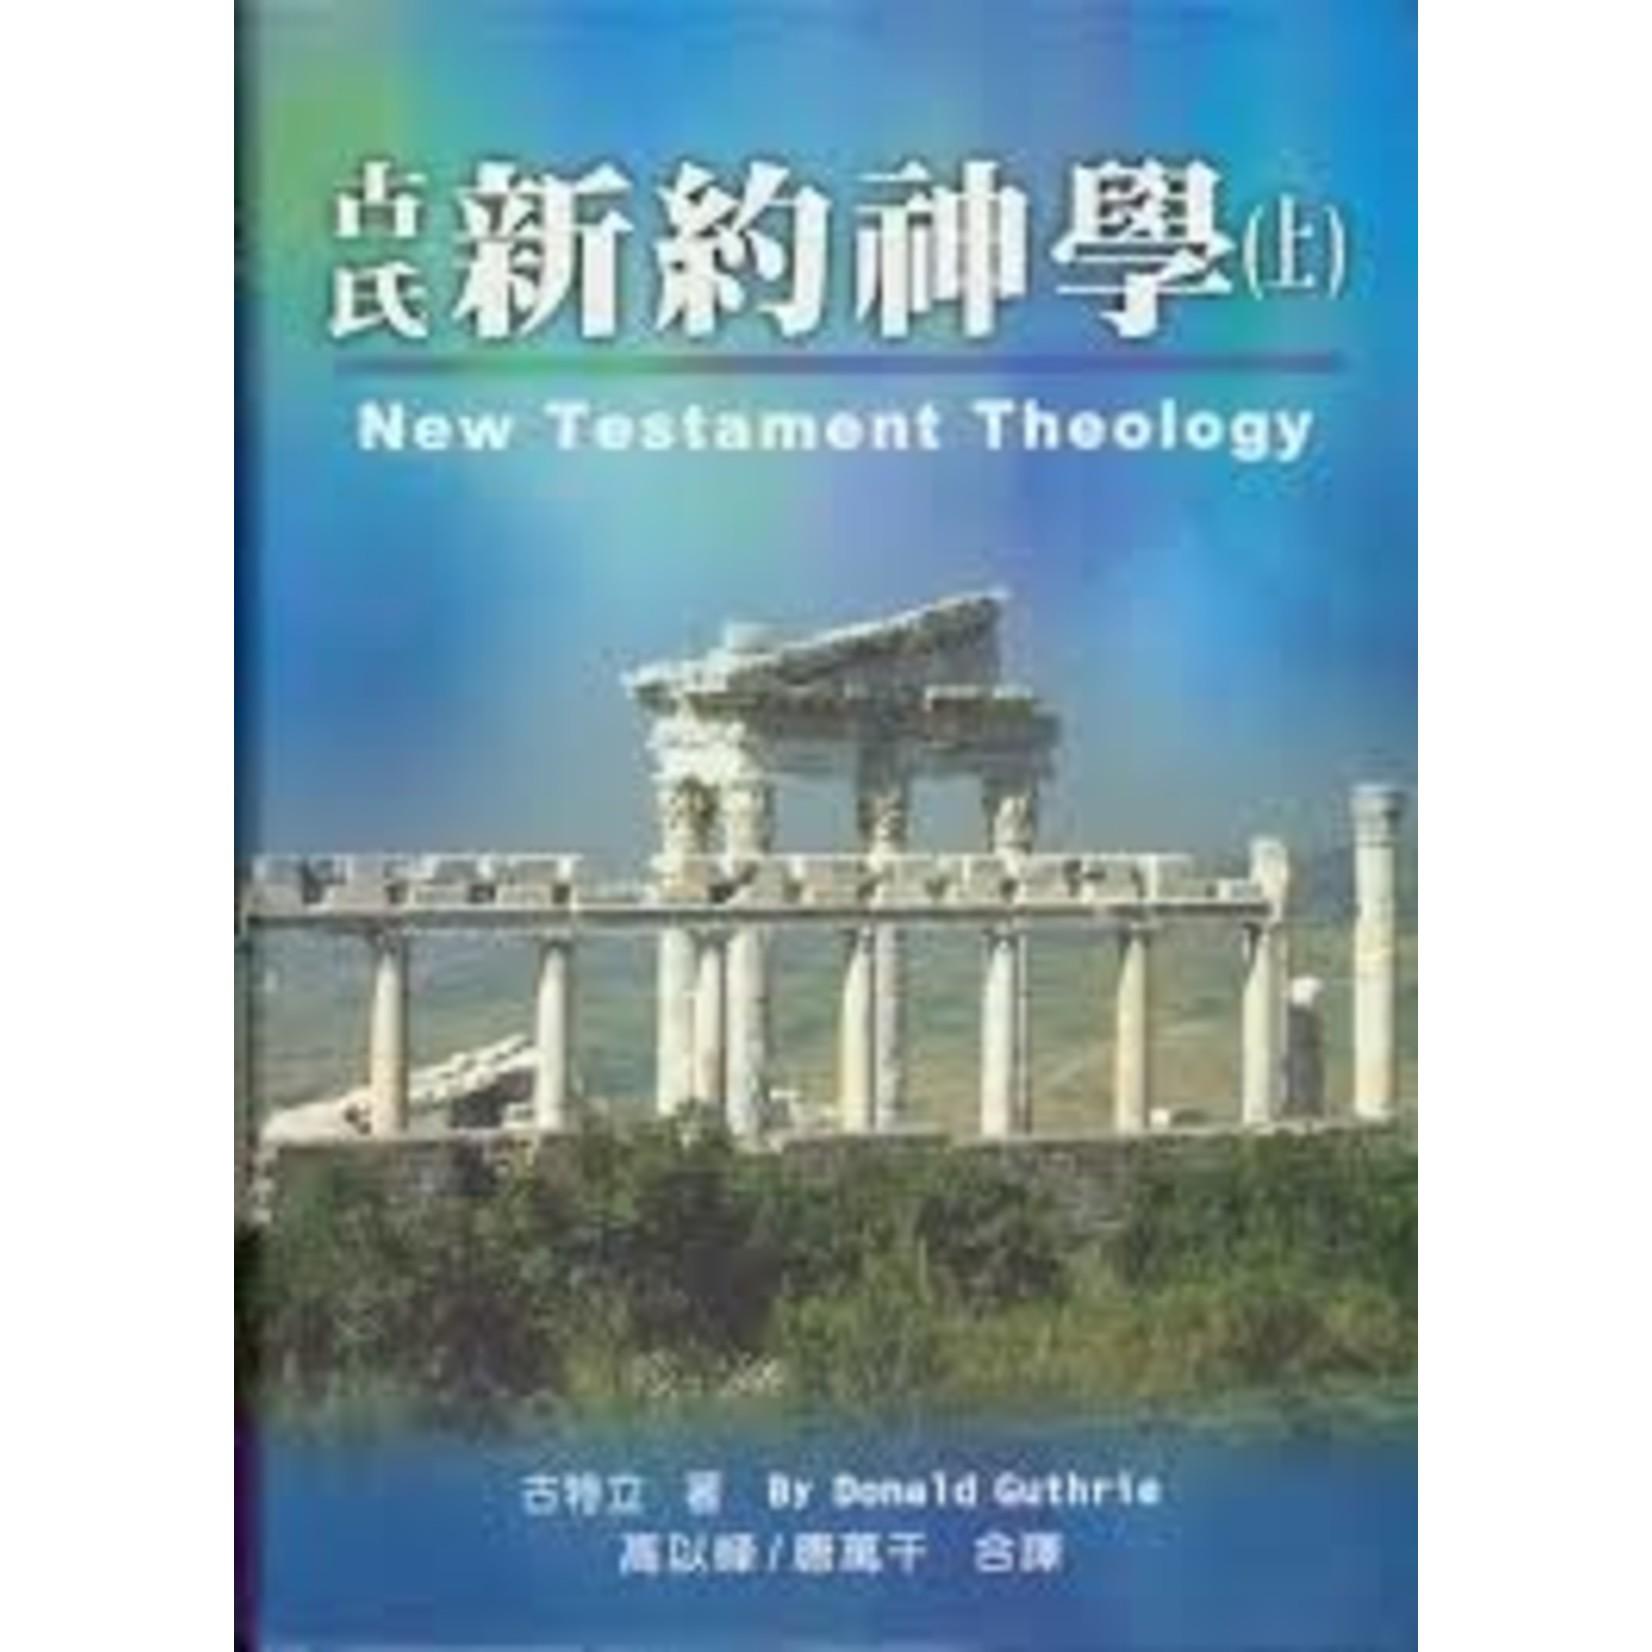 中華福音神學院 China Evangelical Seminary 古氏新約神學(上) New Testament Theology